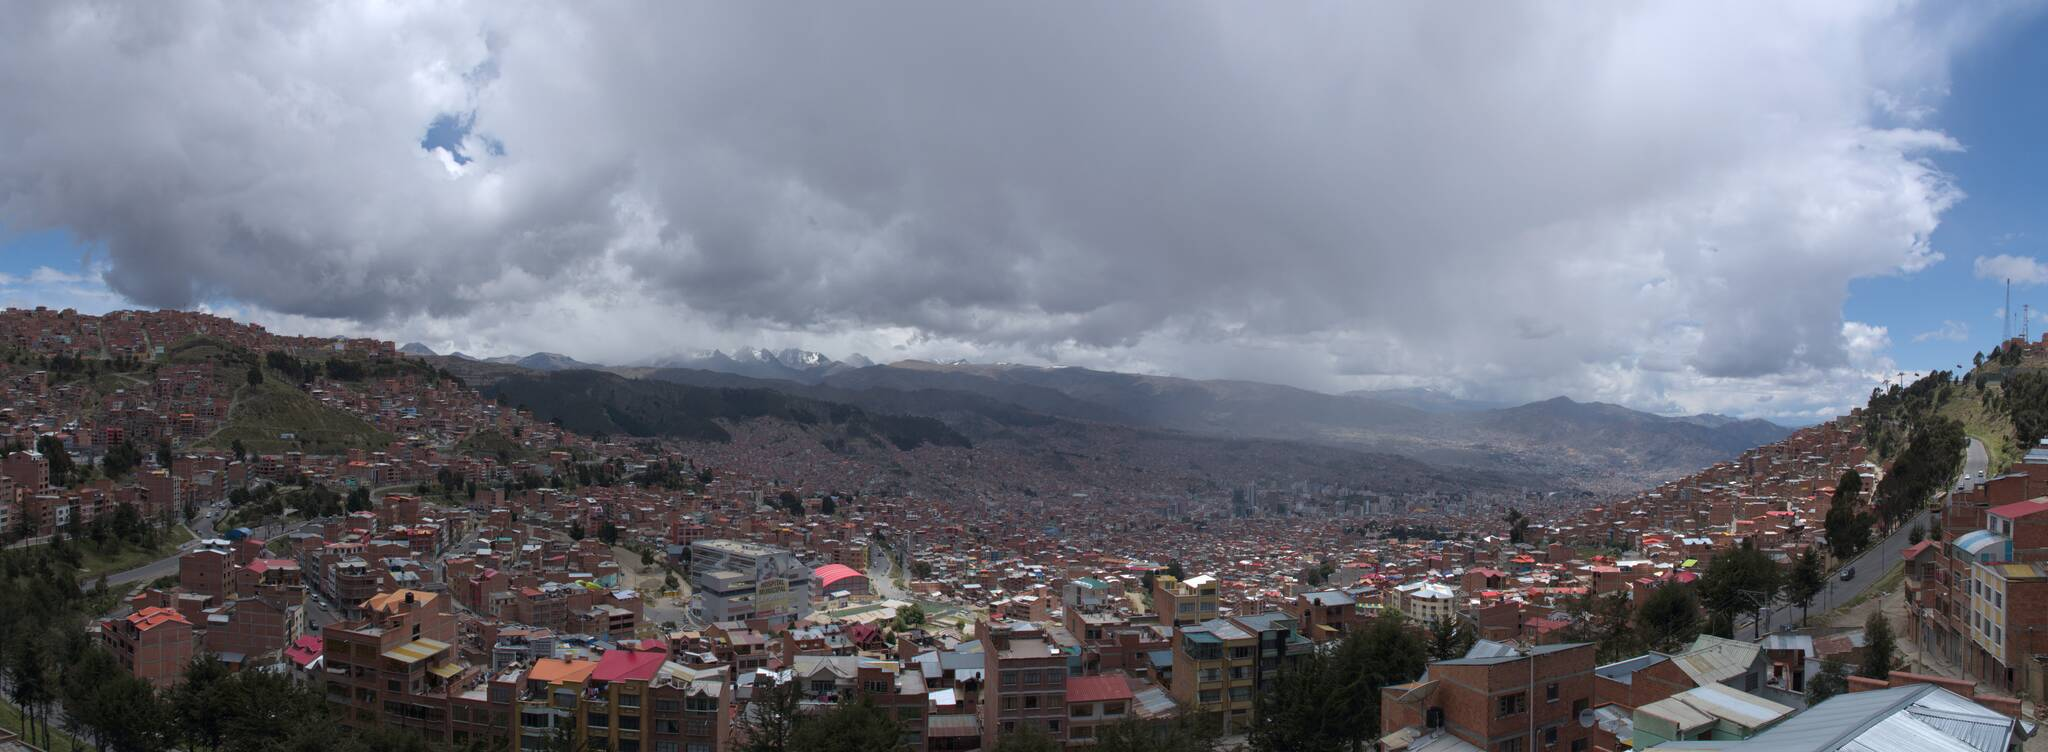 La Paz jest cholernie duże